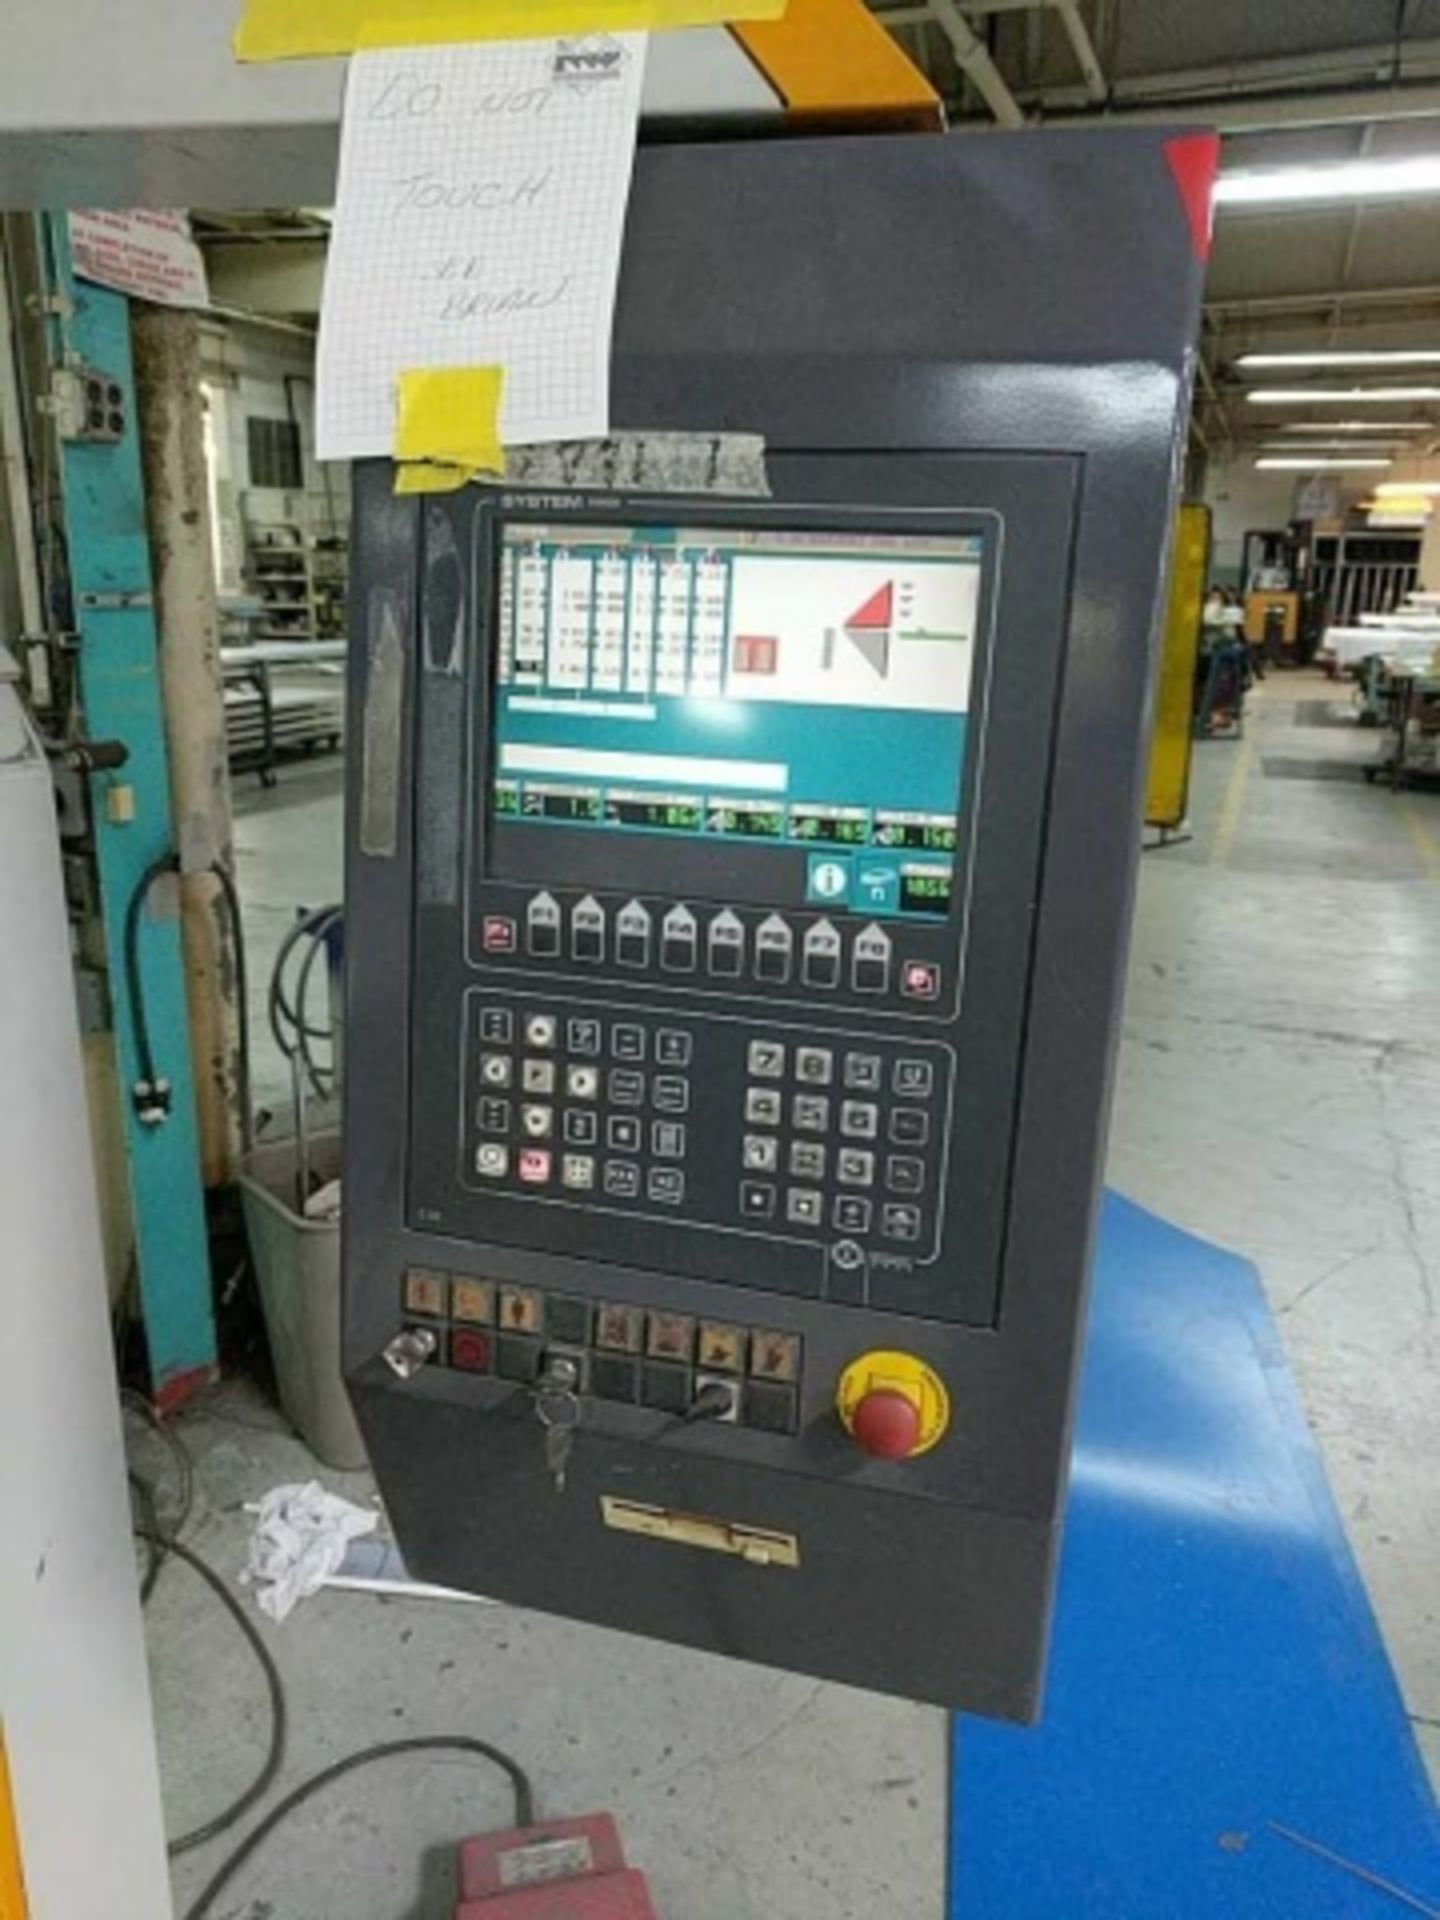 Lot 105 - Ras Flexibend 73.40 Cnc Metal Folding System